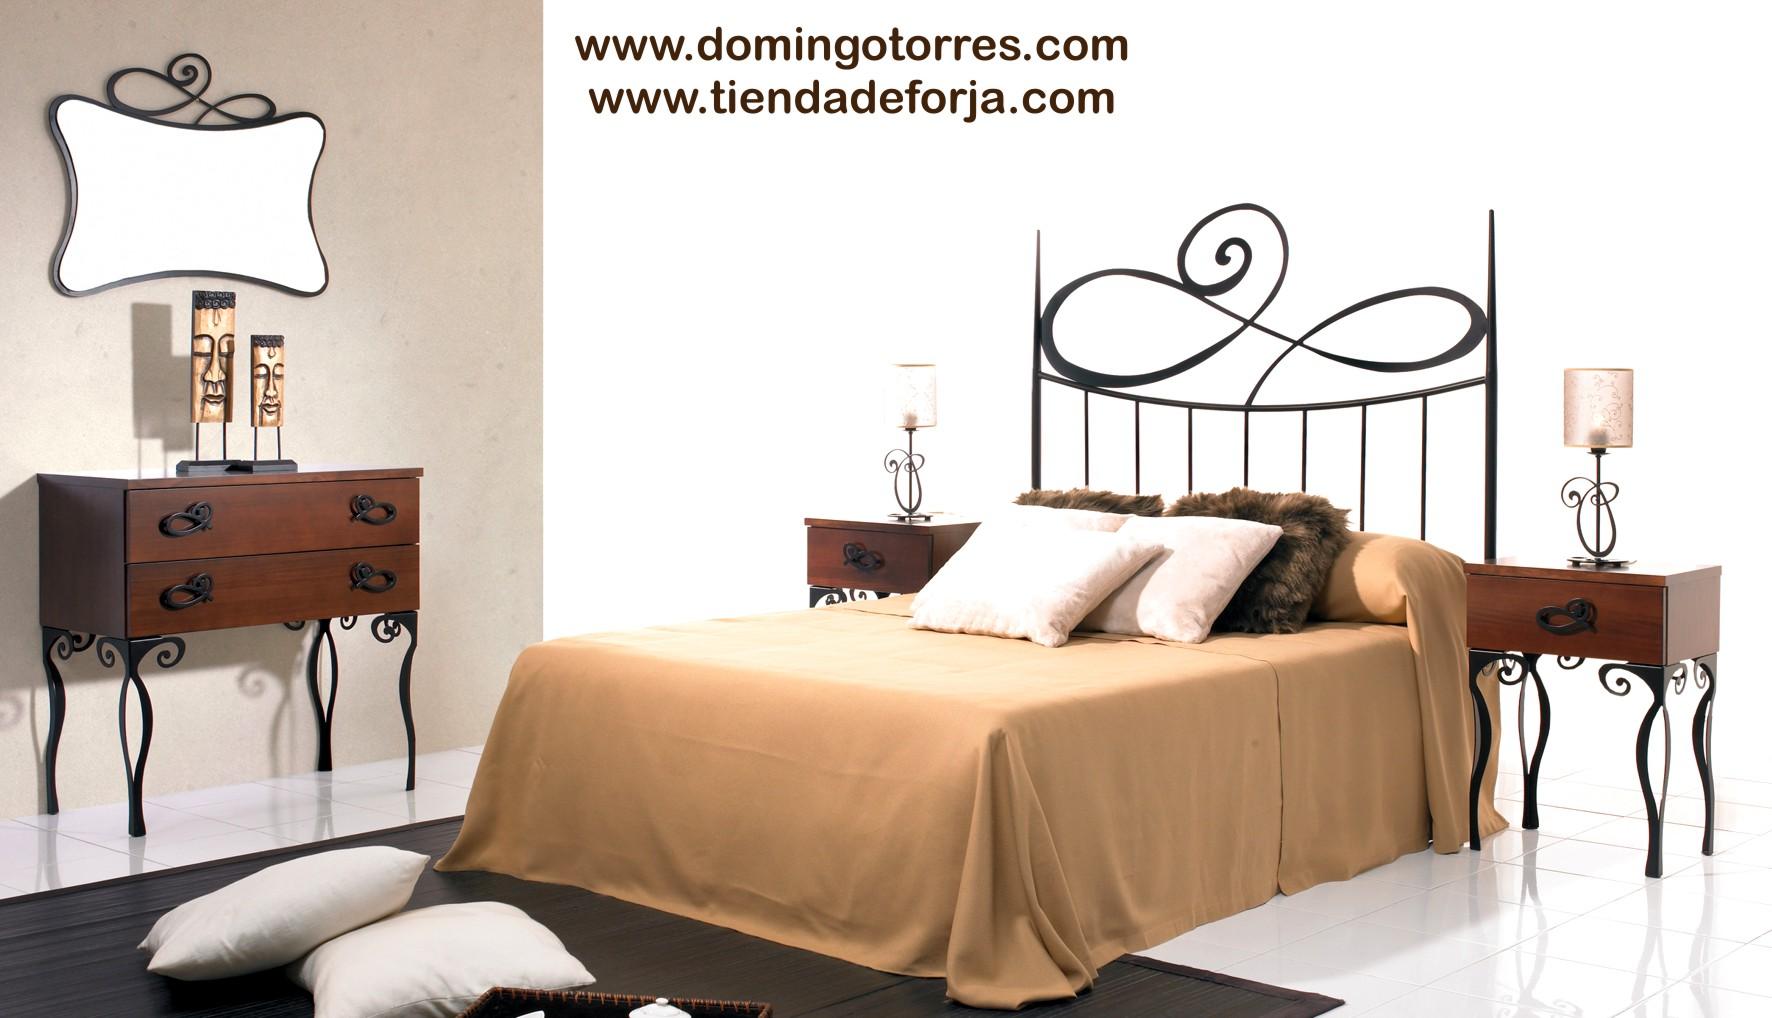 Cama y cabecero sencillo de forja moderna c 112 elena - Cabeceros cama de forja ...